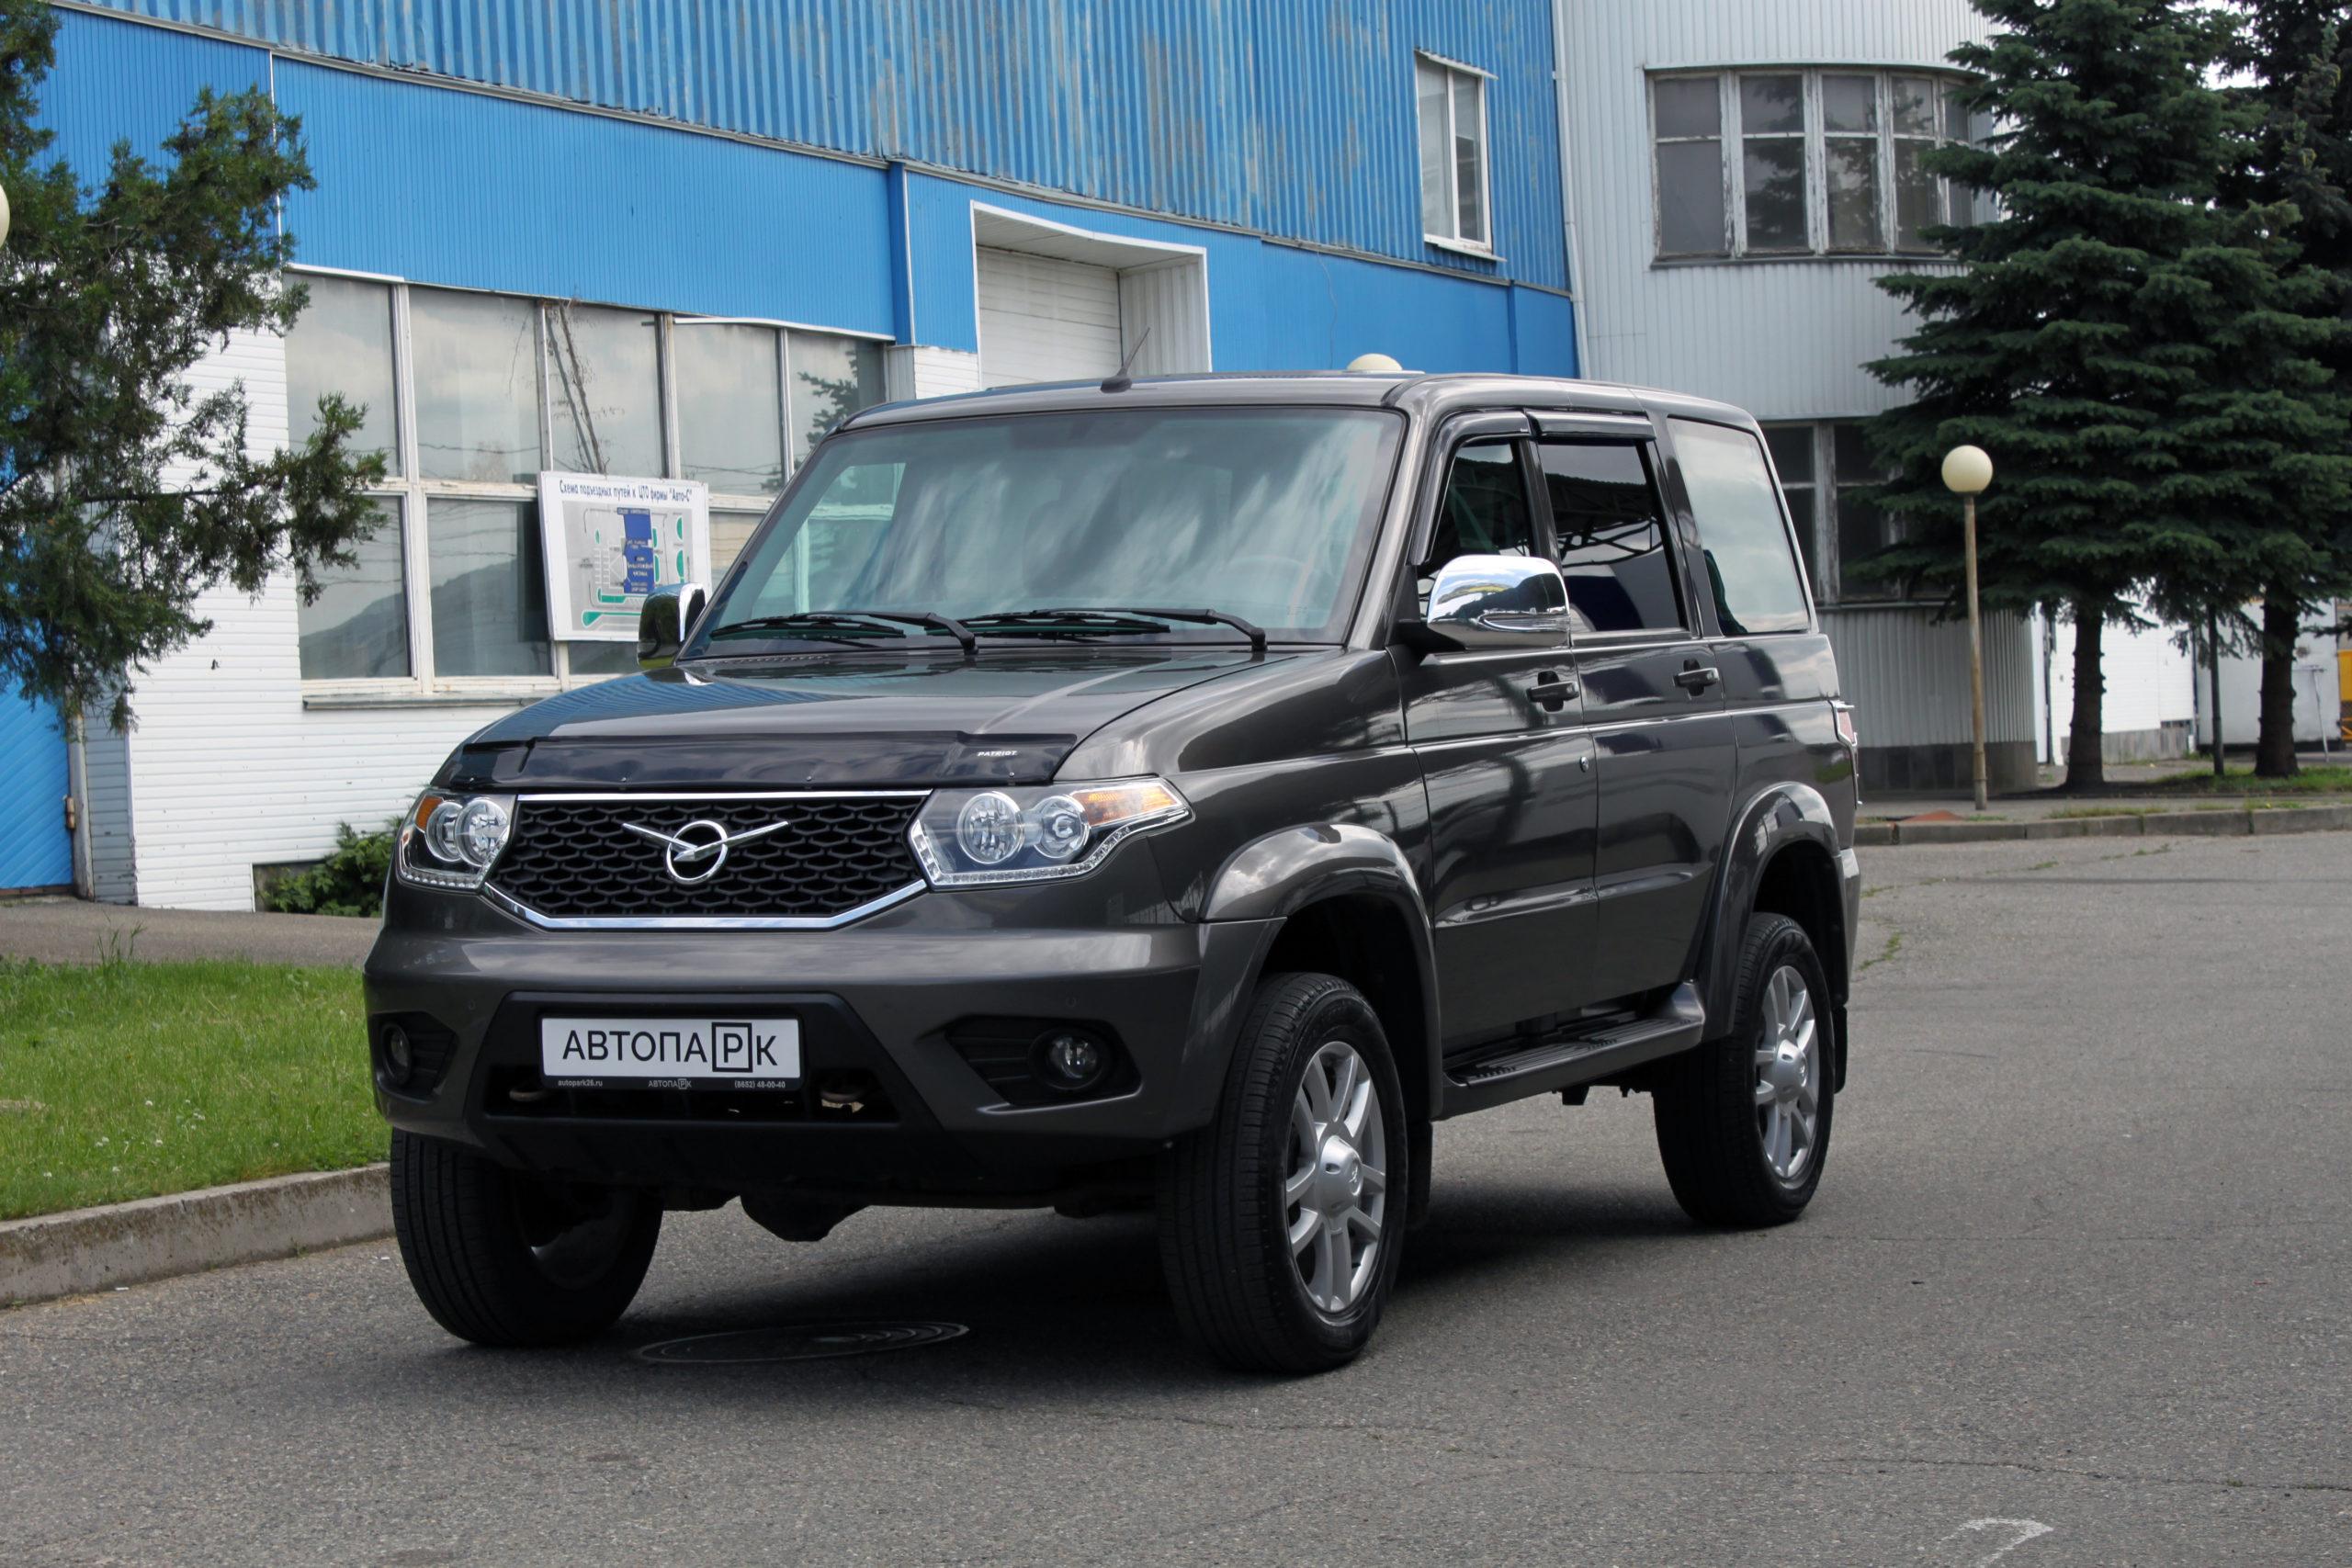 Автоломбард продажа авто ставропольский автоломбард по кредитный автомобиль